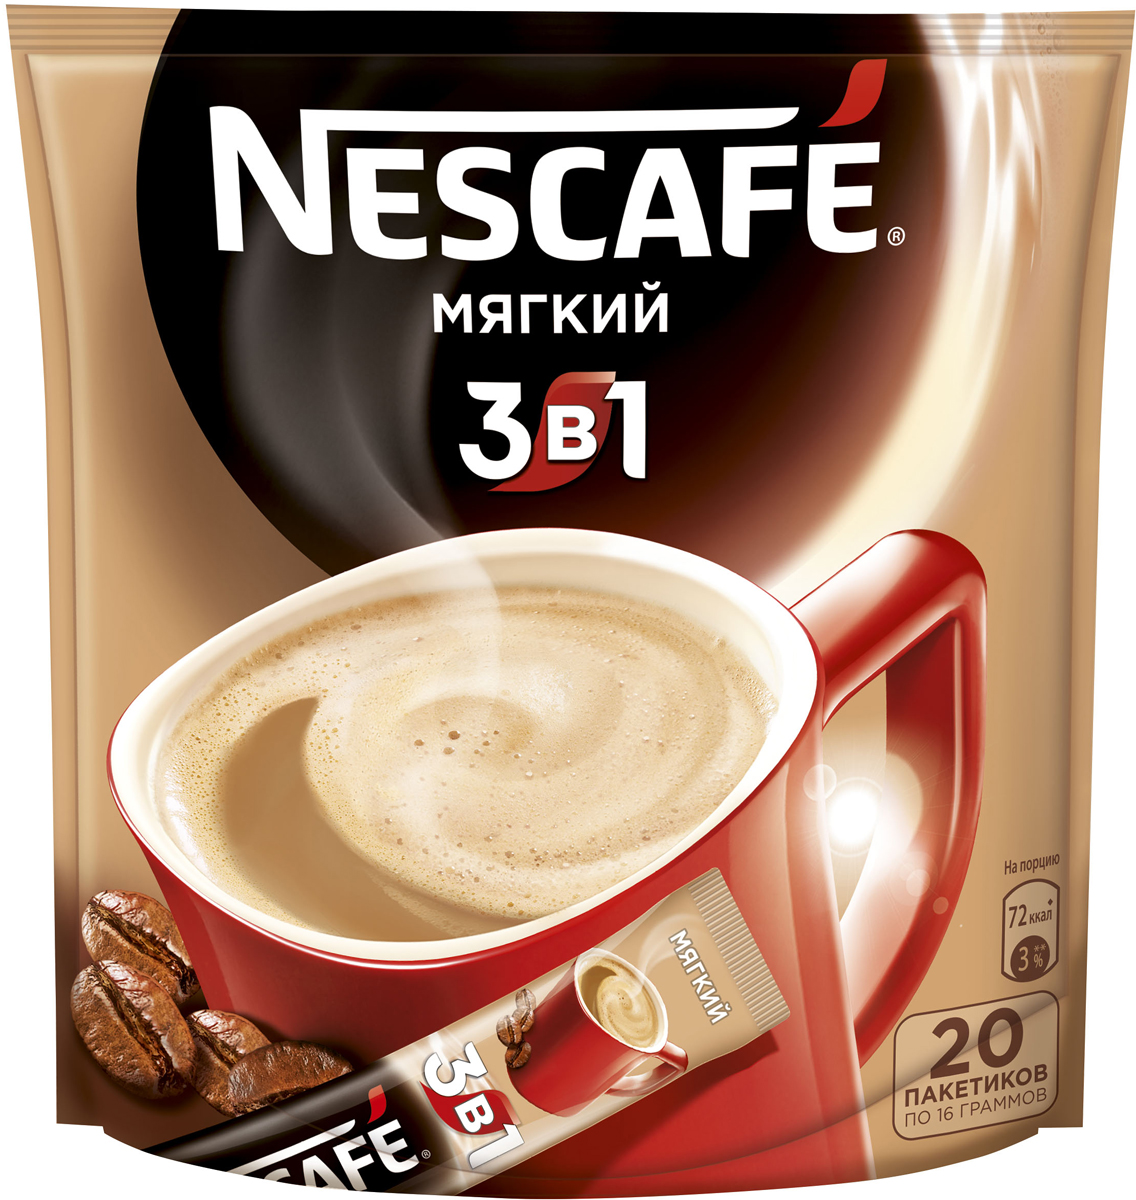 Nescafe 3 в 1 Мягкий кофе растворимый, 20 шт12235480Nescafe 3 в 1 Мягкий - кофейно-сливочный напиток, в состав которого входят высококачественные ингредиенты: кофе Nescafe, сахар, сливки растительного происхождения. Каждый пакетик Nescafe 3 в 1 подарит вам идеальное сочетание кофе, сливок, сахара!